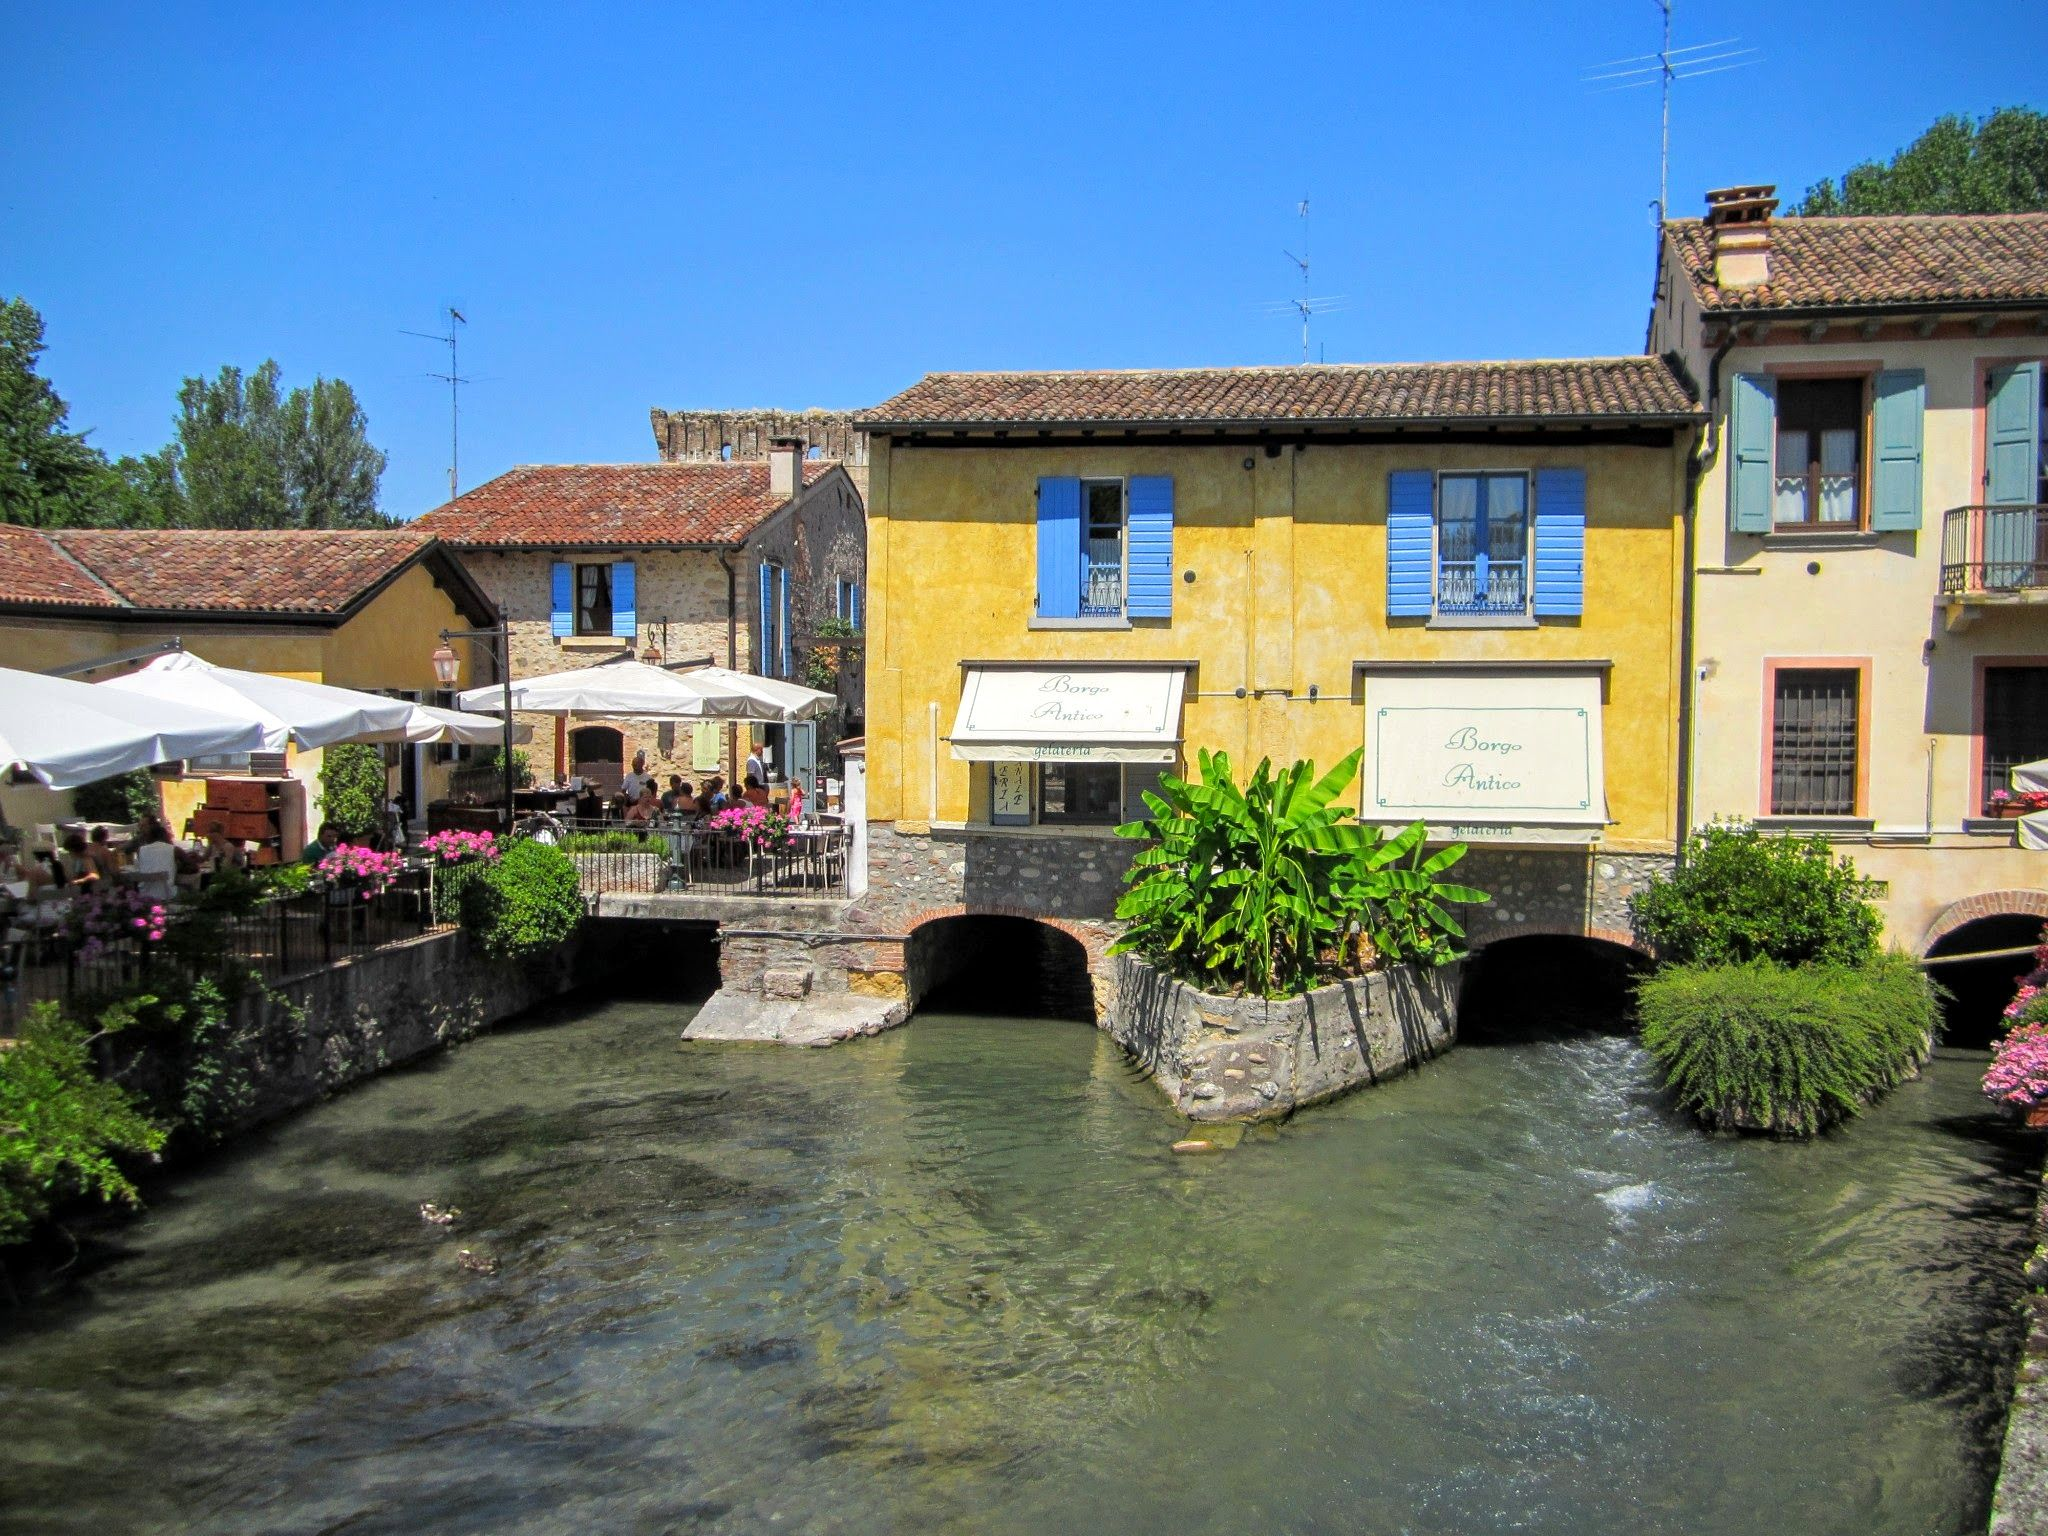 Borghetto sul Mincio - Een pittoresk dorpje op slechts een 15-tal kilometer van Peschiera del Garda. Er liggen heel wat leuke restaurantjes en terrasjes!